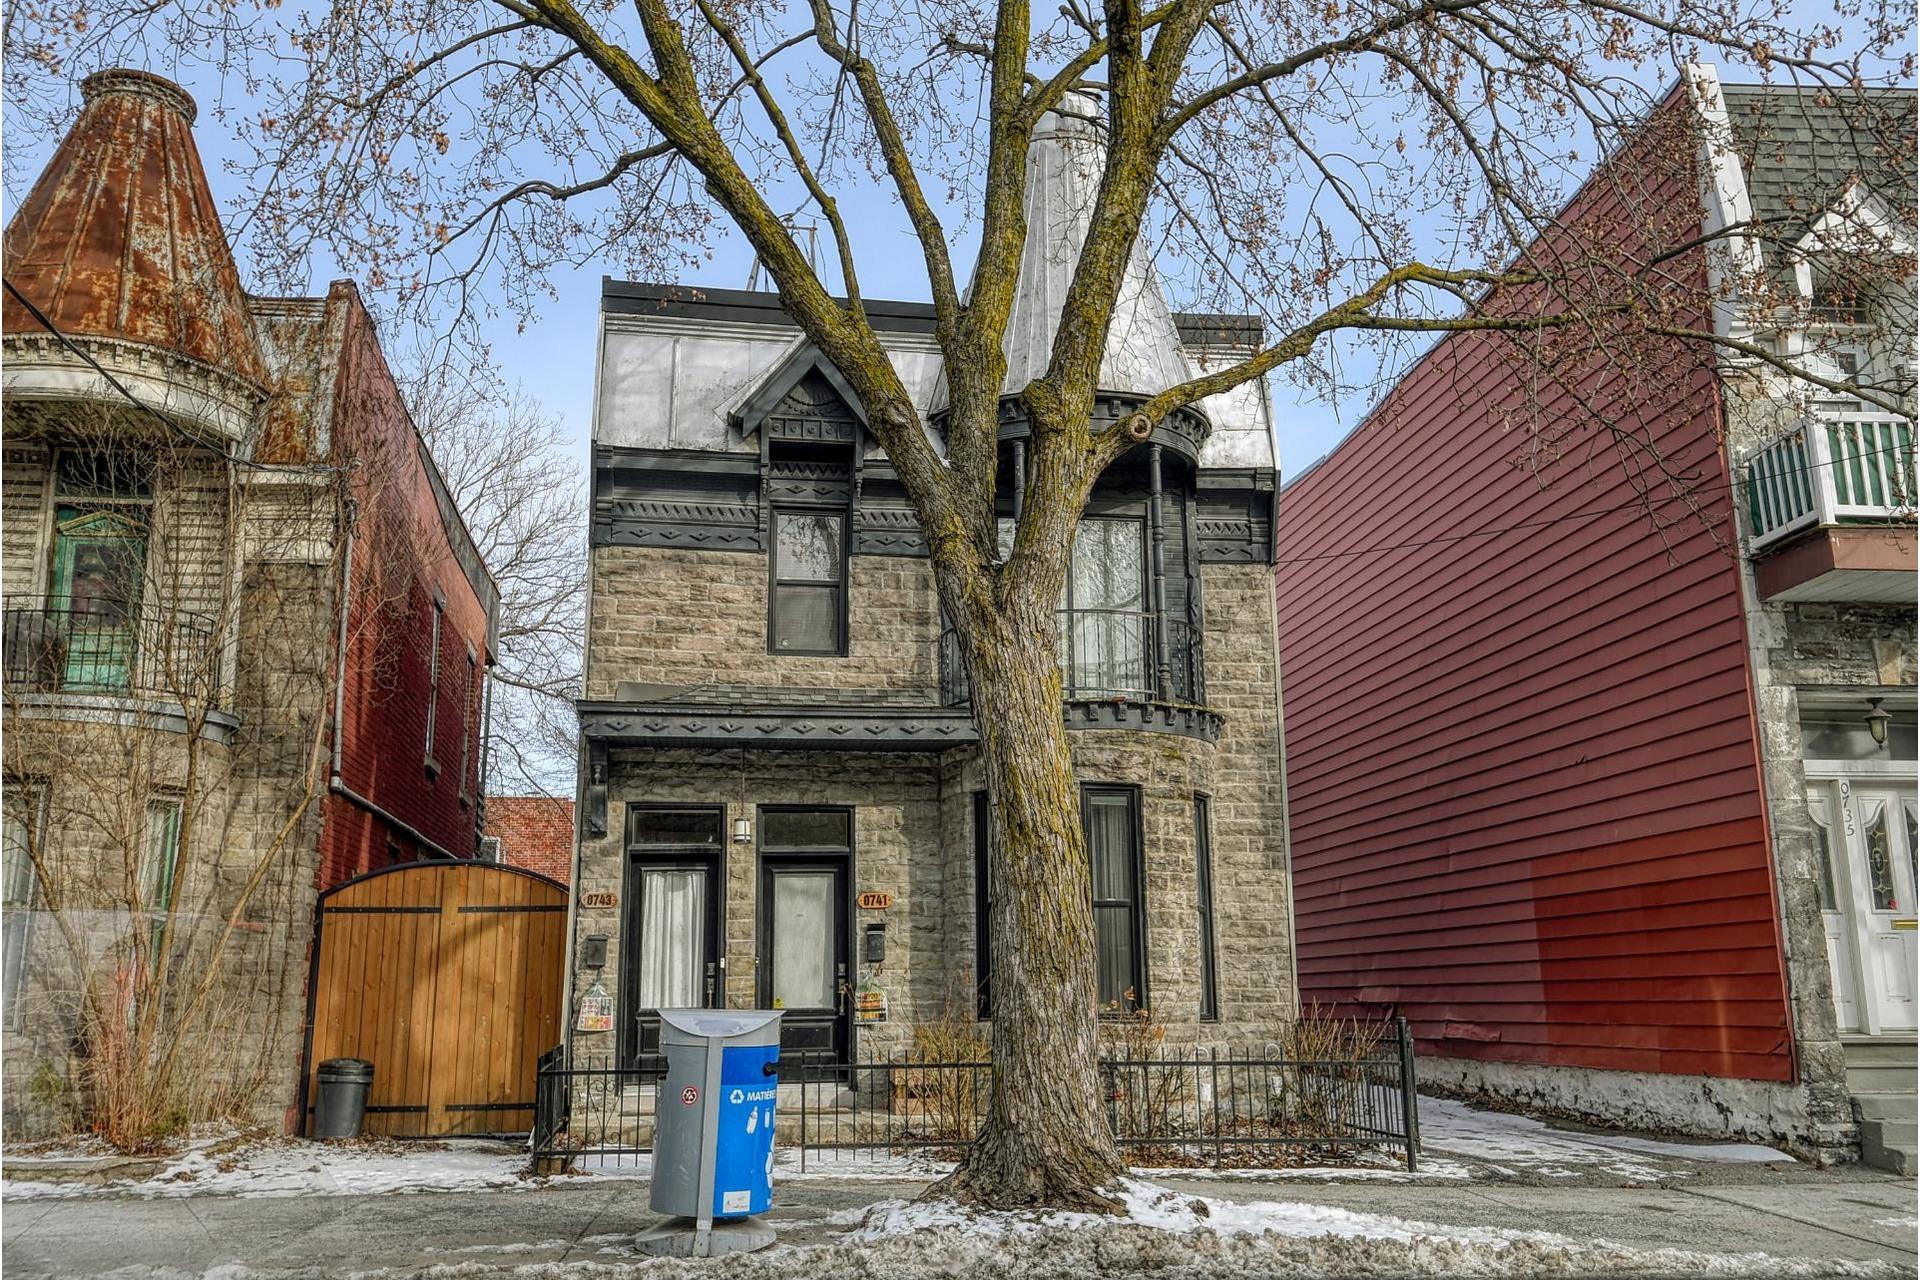 image 24 - Duplex For sale Le Sud-Ouest Montréal  - 5 rooms